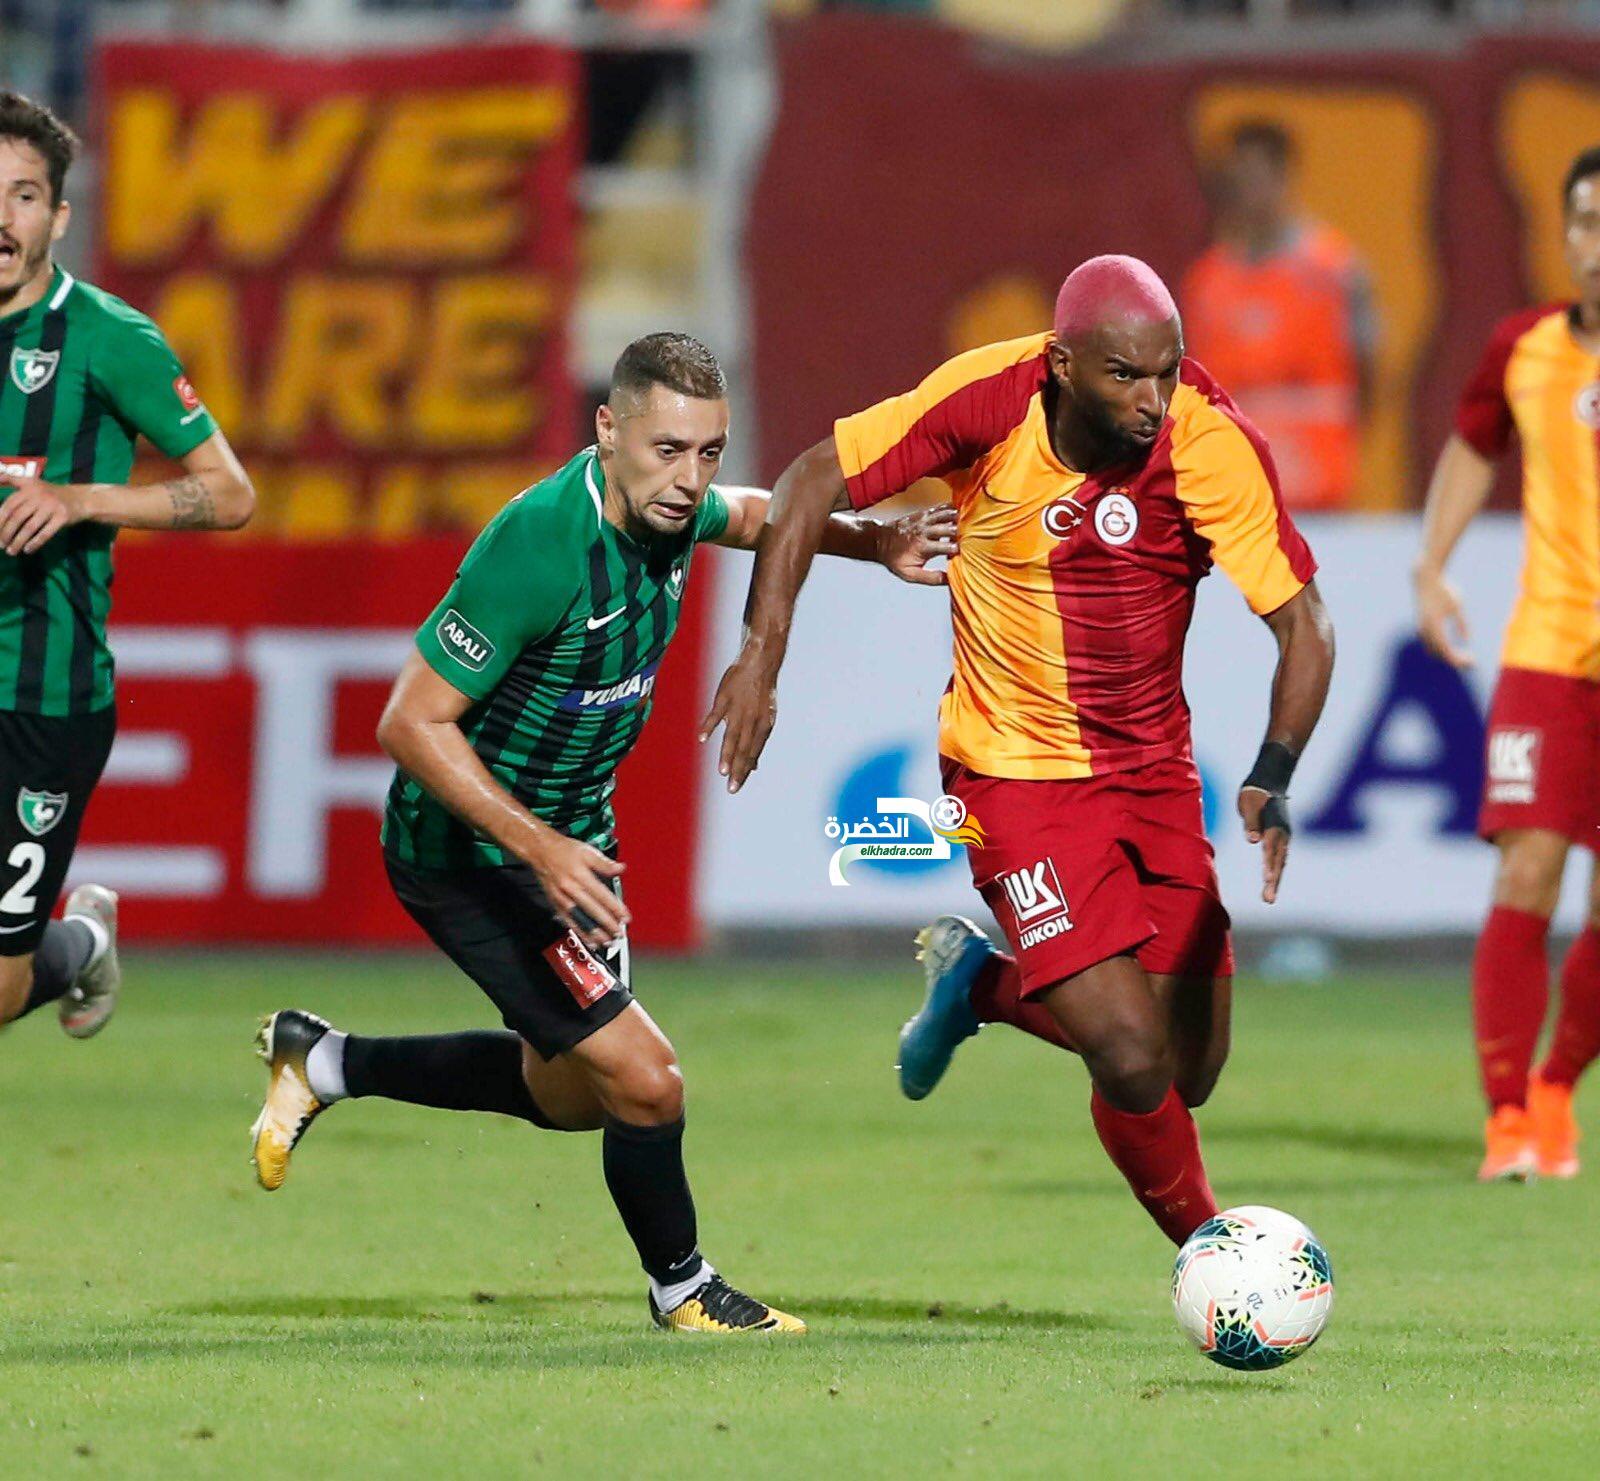 جالطة سراي ينهزم امام دينزلي سبور في افتتاح الدوري التركي 1